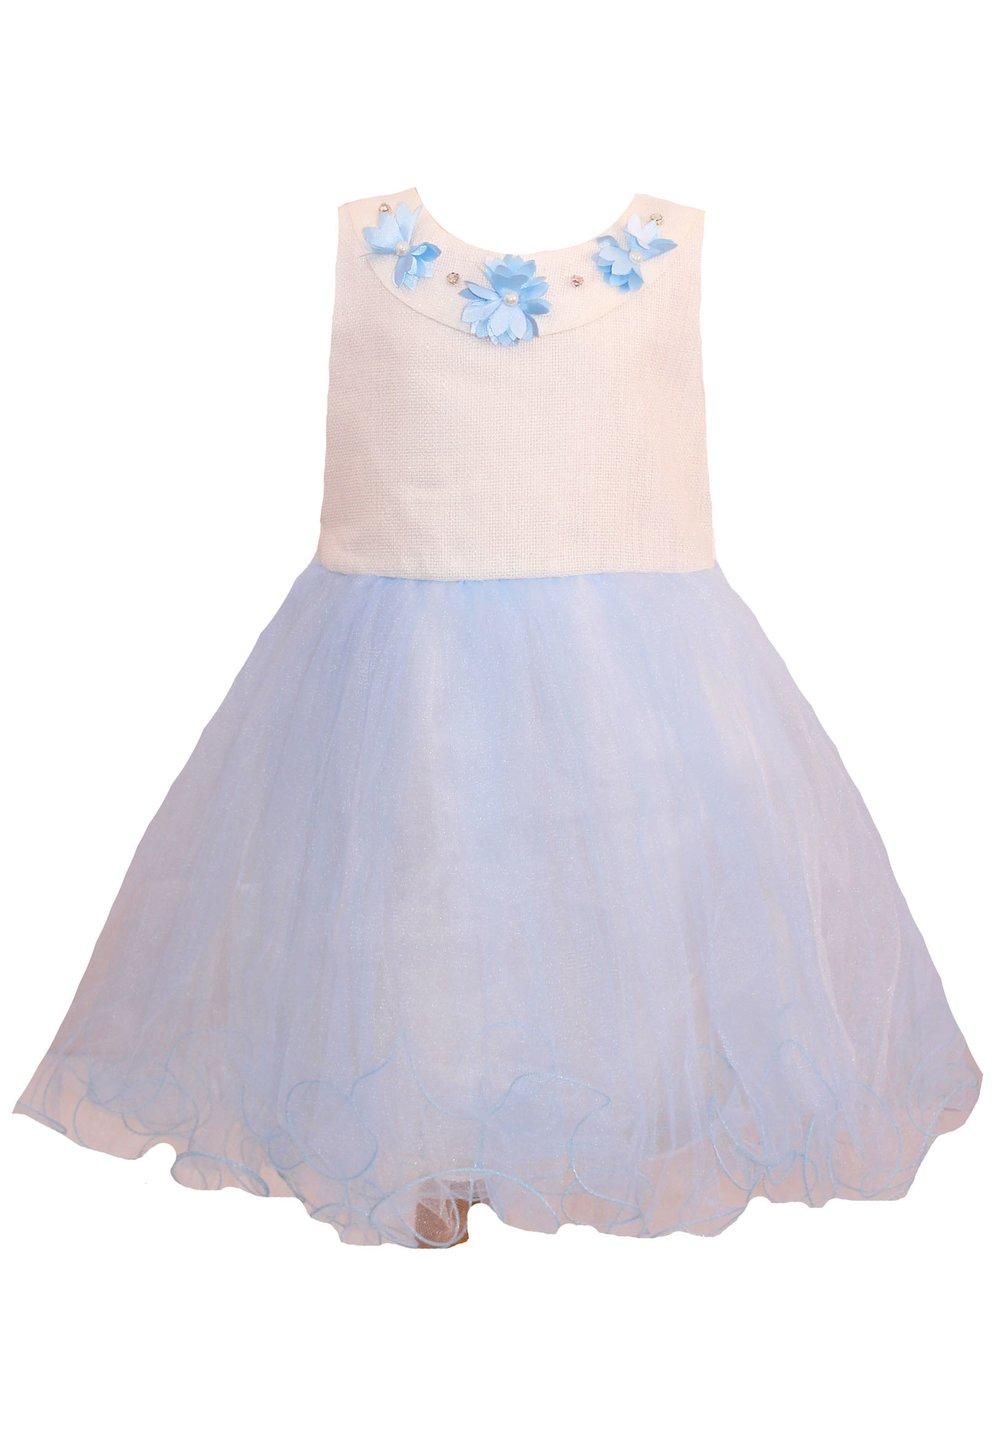 Rochita, cu floricele albastre deschis imagine